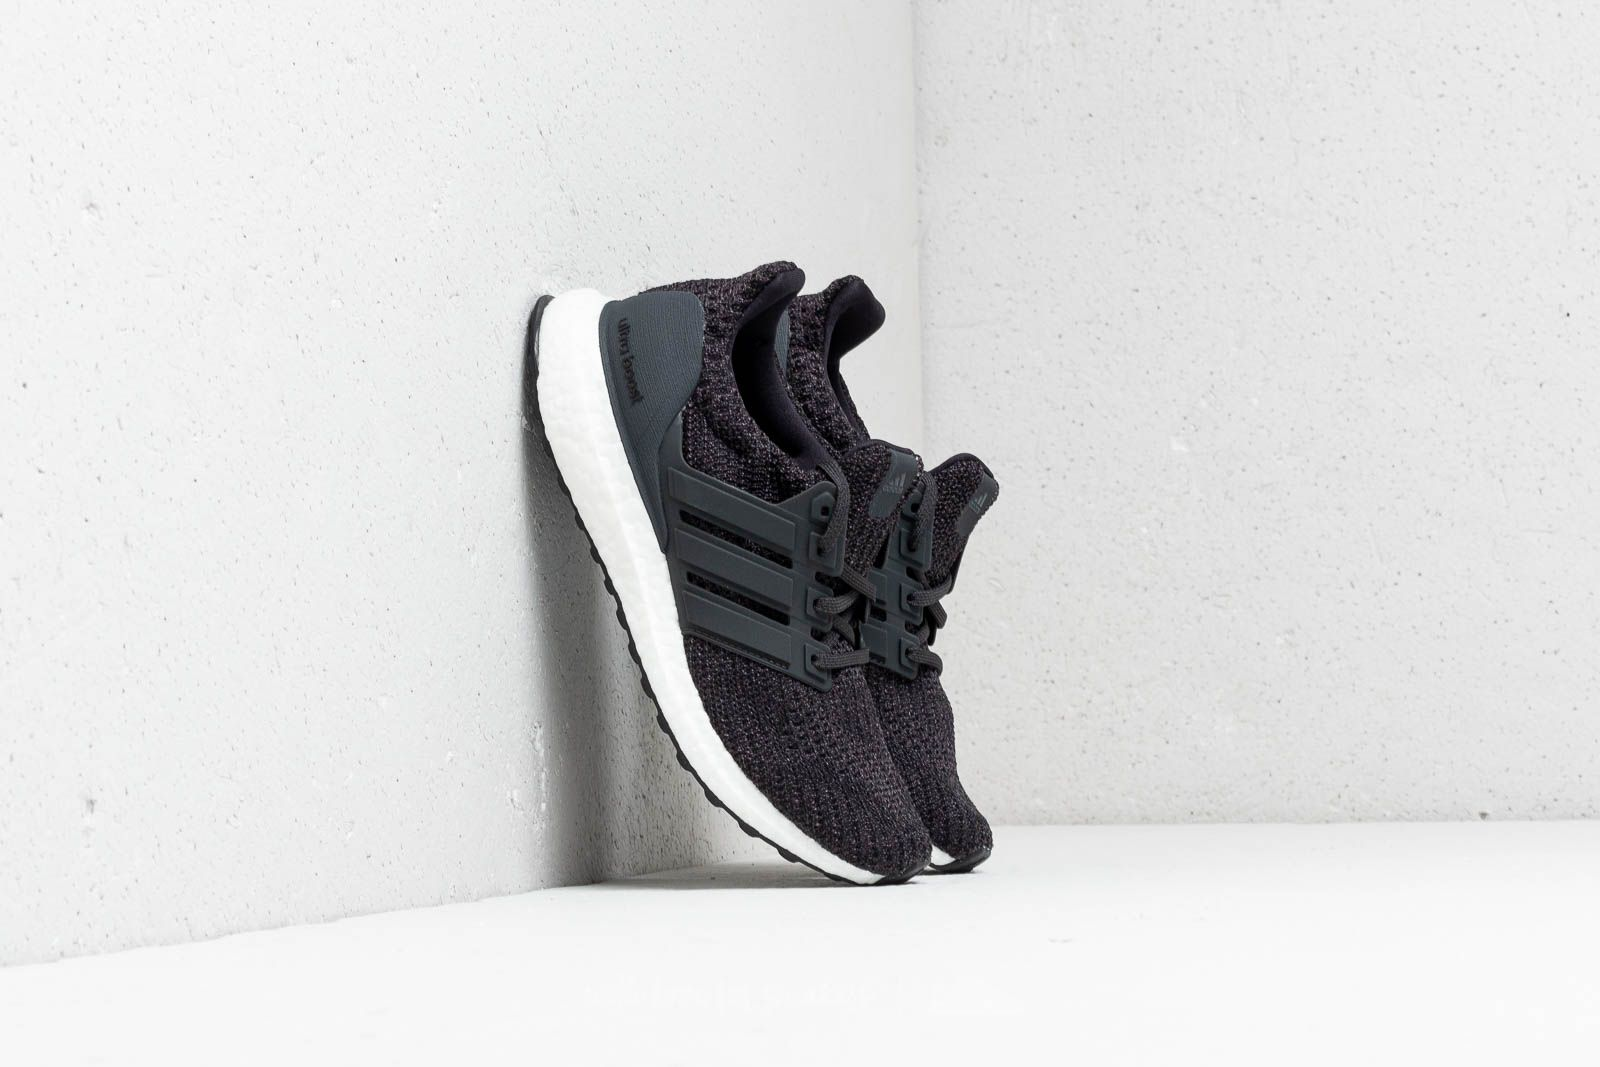 adidas UltraBOOST Carbon/ Carbon/ Ftw White za skvělou cenu 4 890 Kč koupíte na Footshop.cz